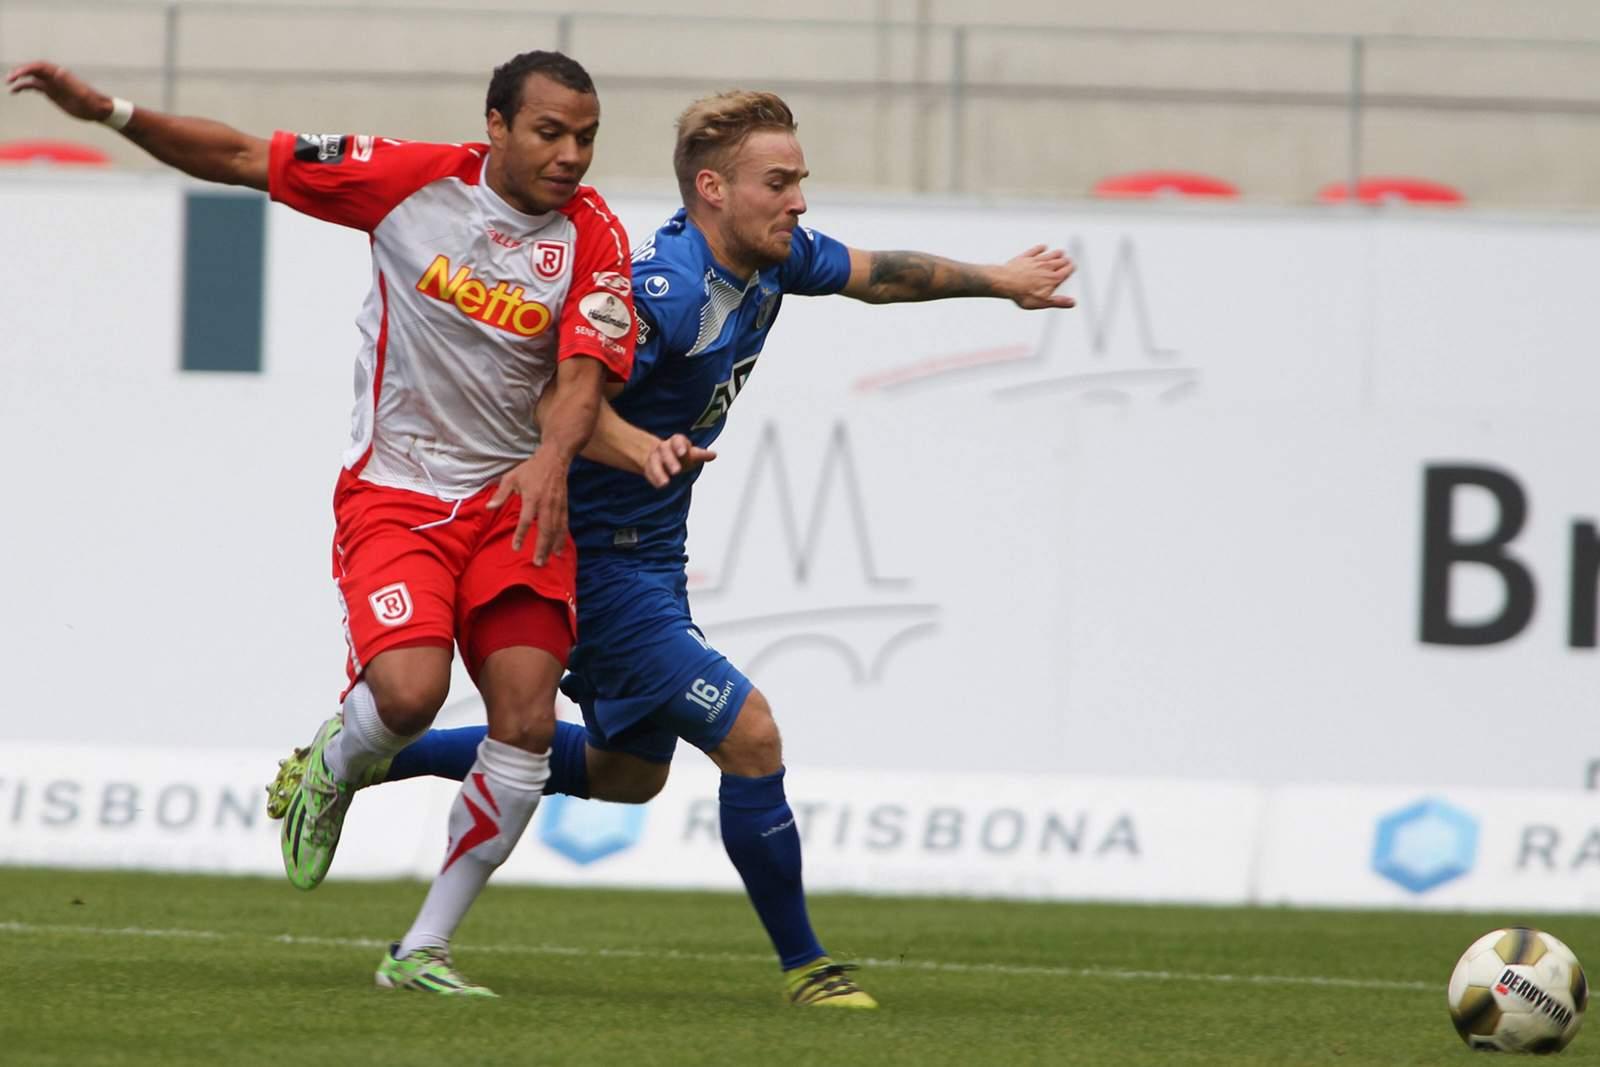 Erkämpft sich Nils Butzen im Duell mit Jann George den zweiten Saisonsieg? Jetzt auf Magdeburg gegen Regensburg wetten.